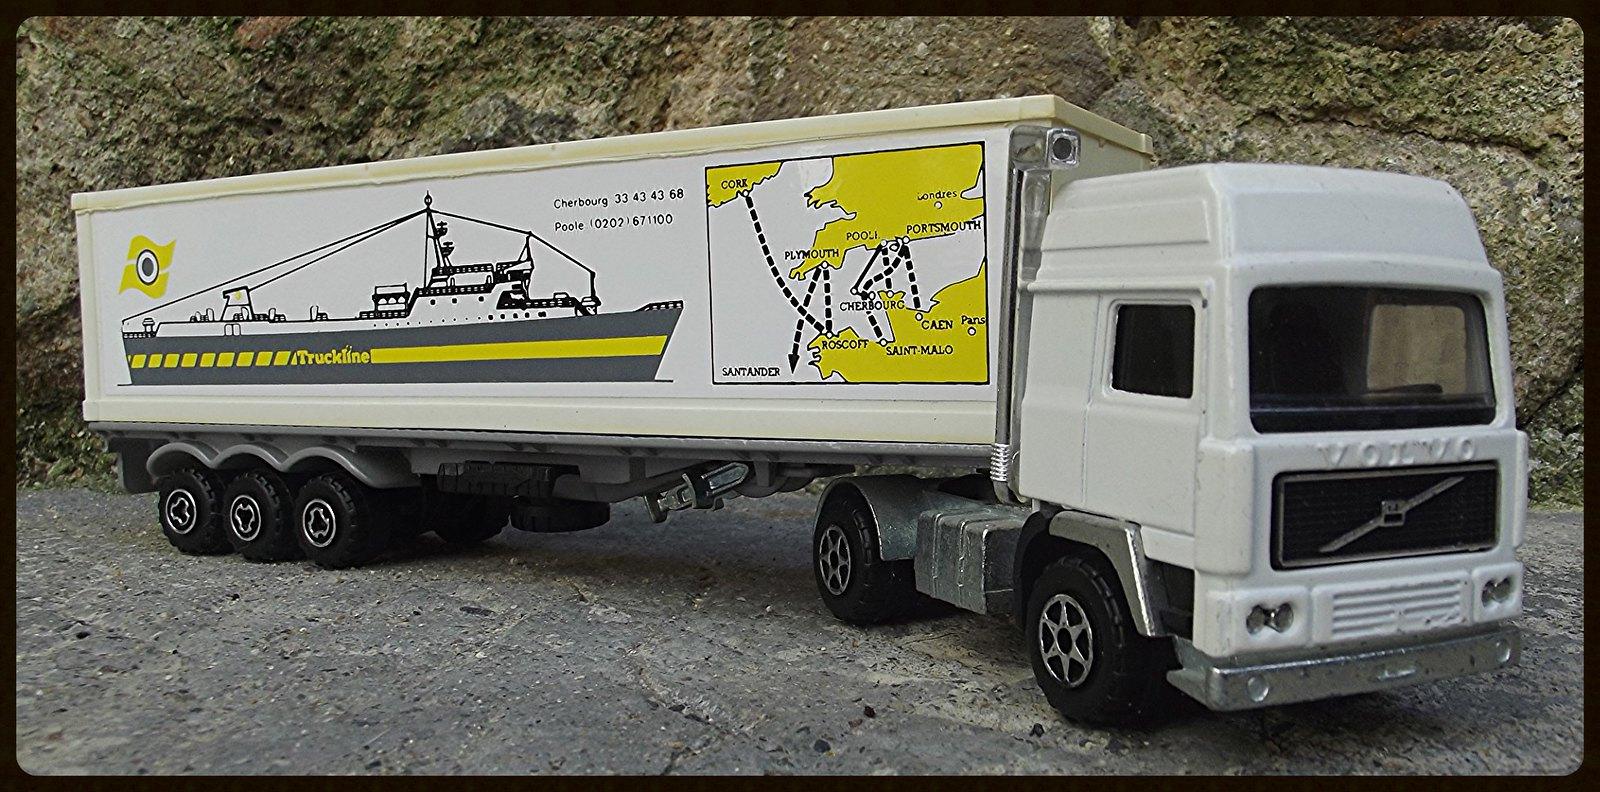 Brittany ferries /truckline ferries. 15182277137_7c7bdfe8c6_h